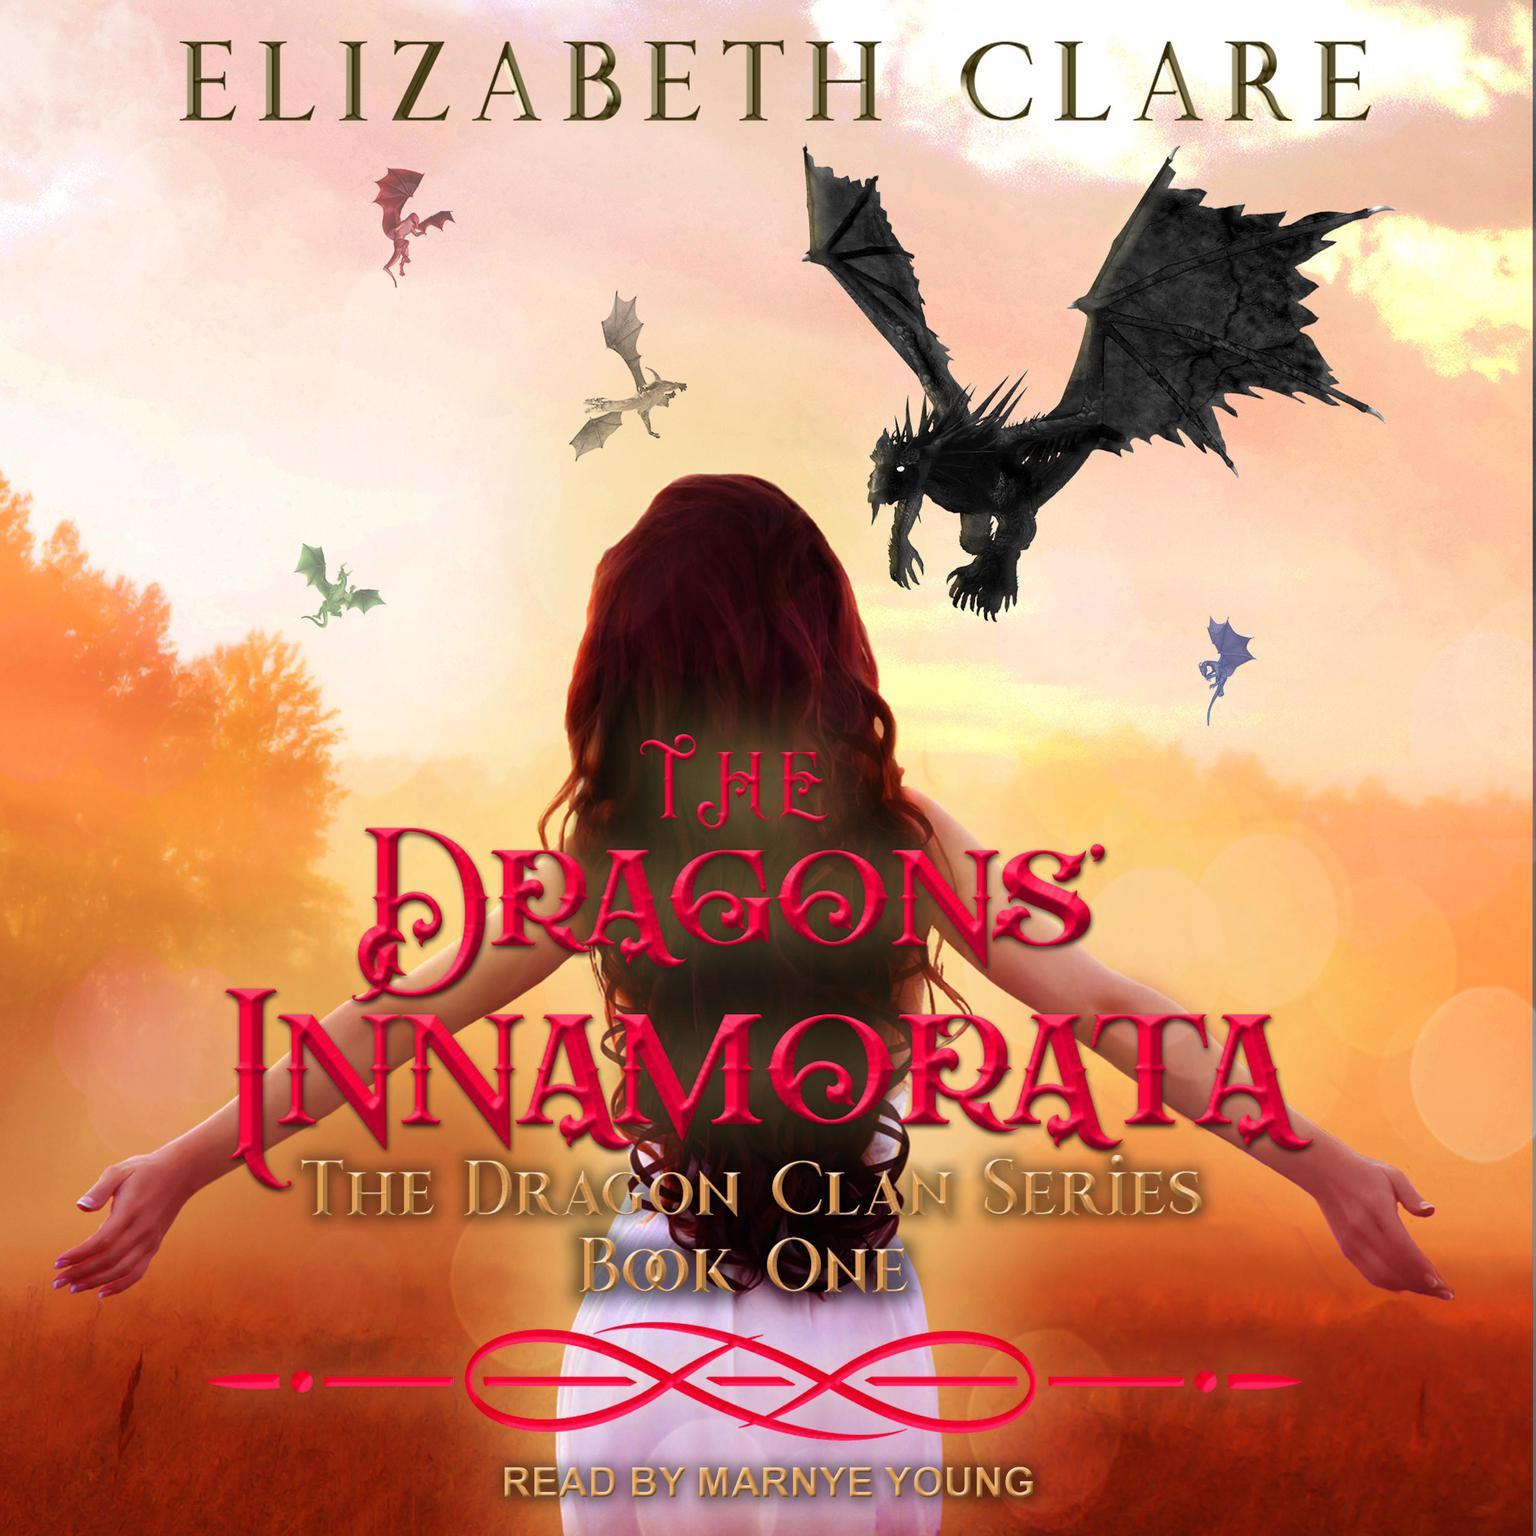 Printable The Dragons' Innamorata Audiobook Cover Art